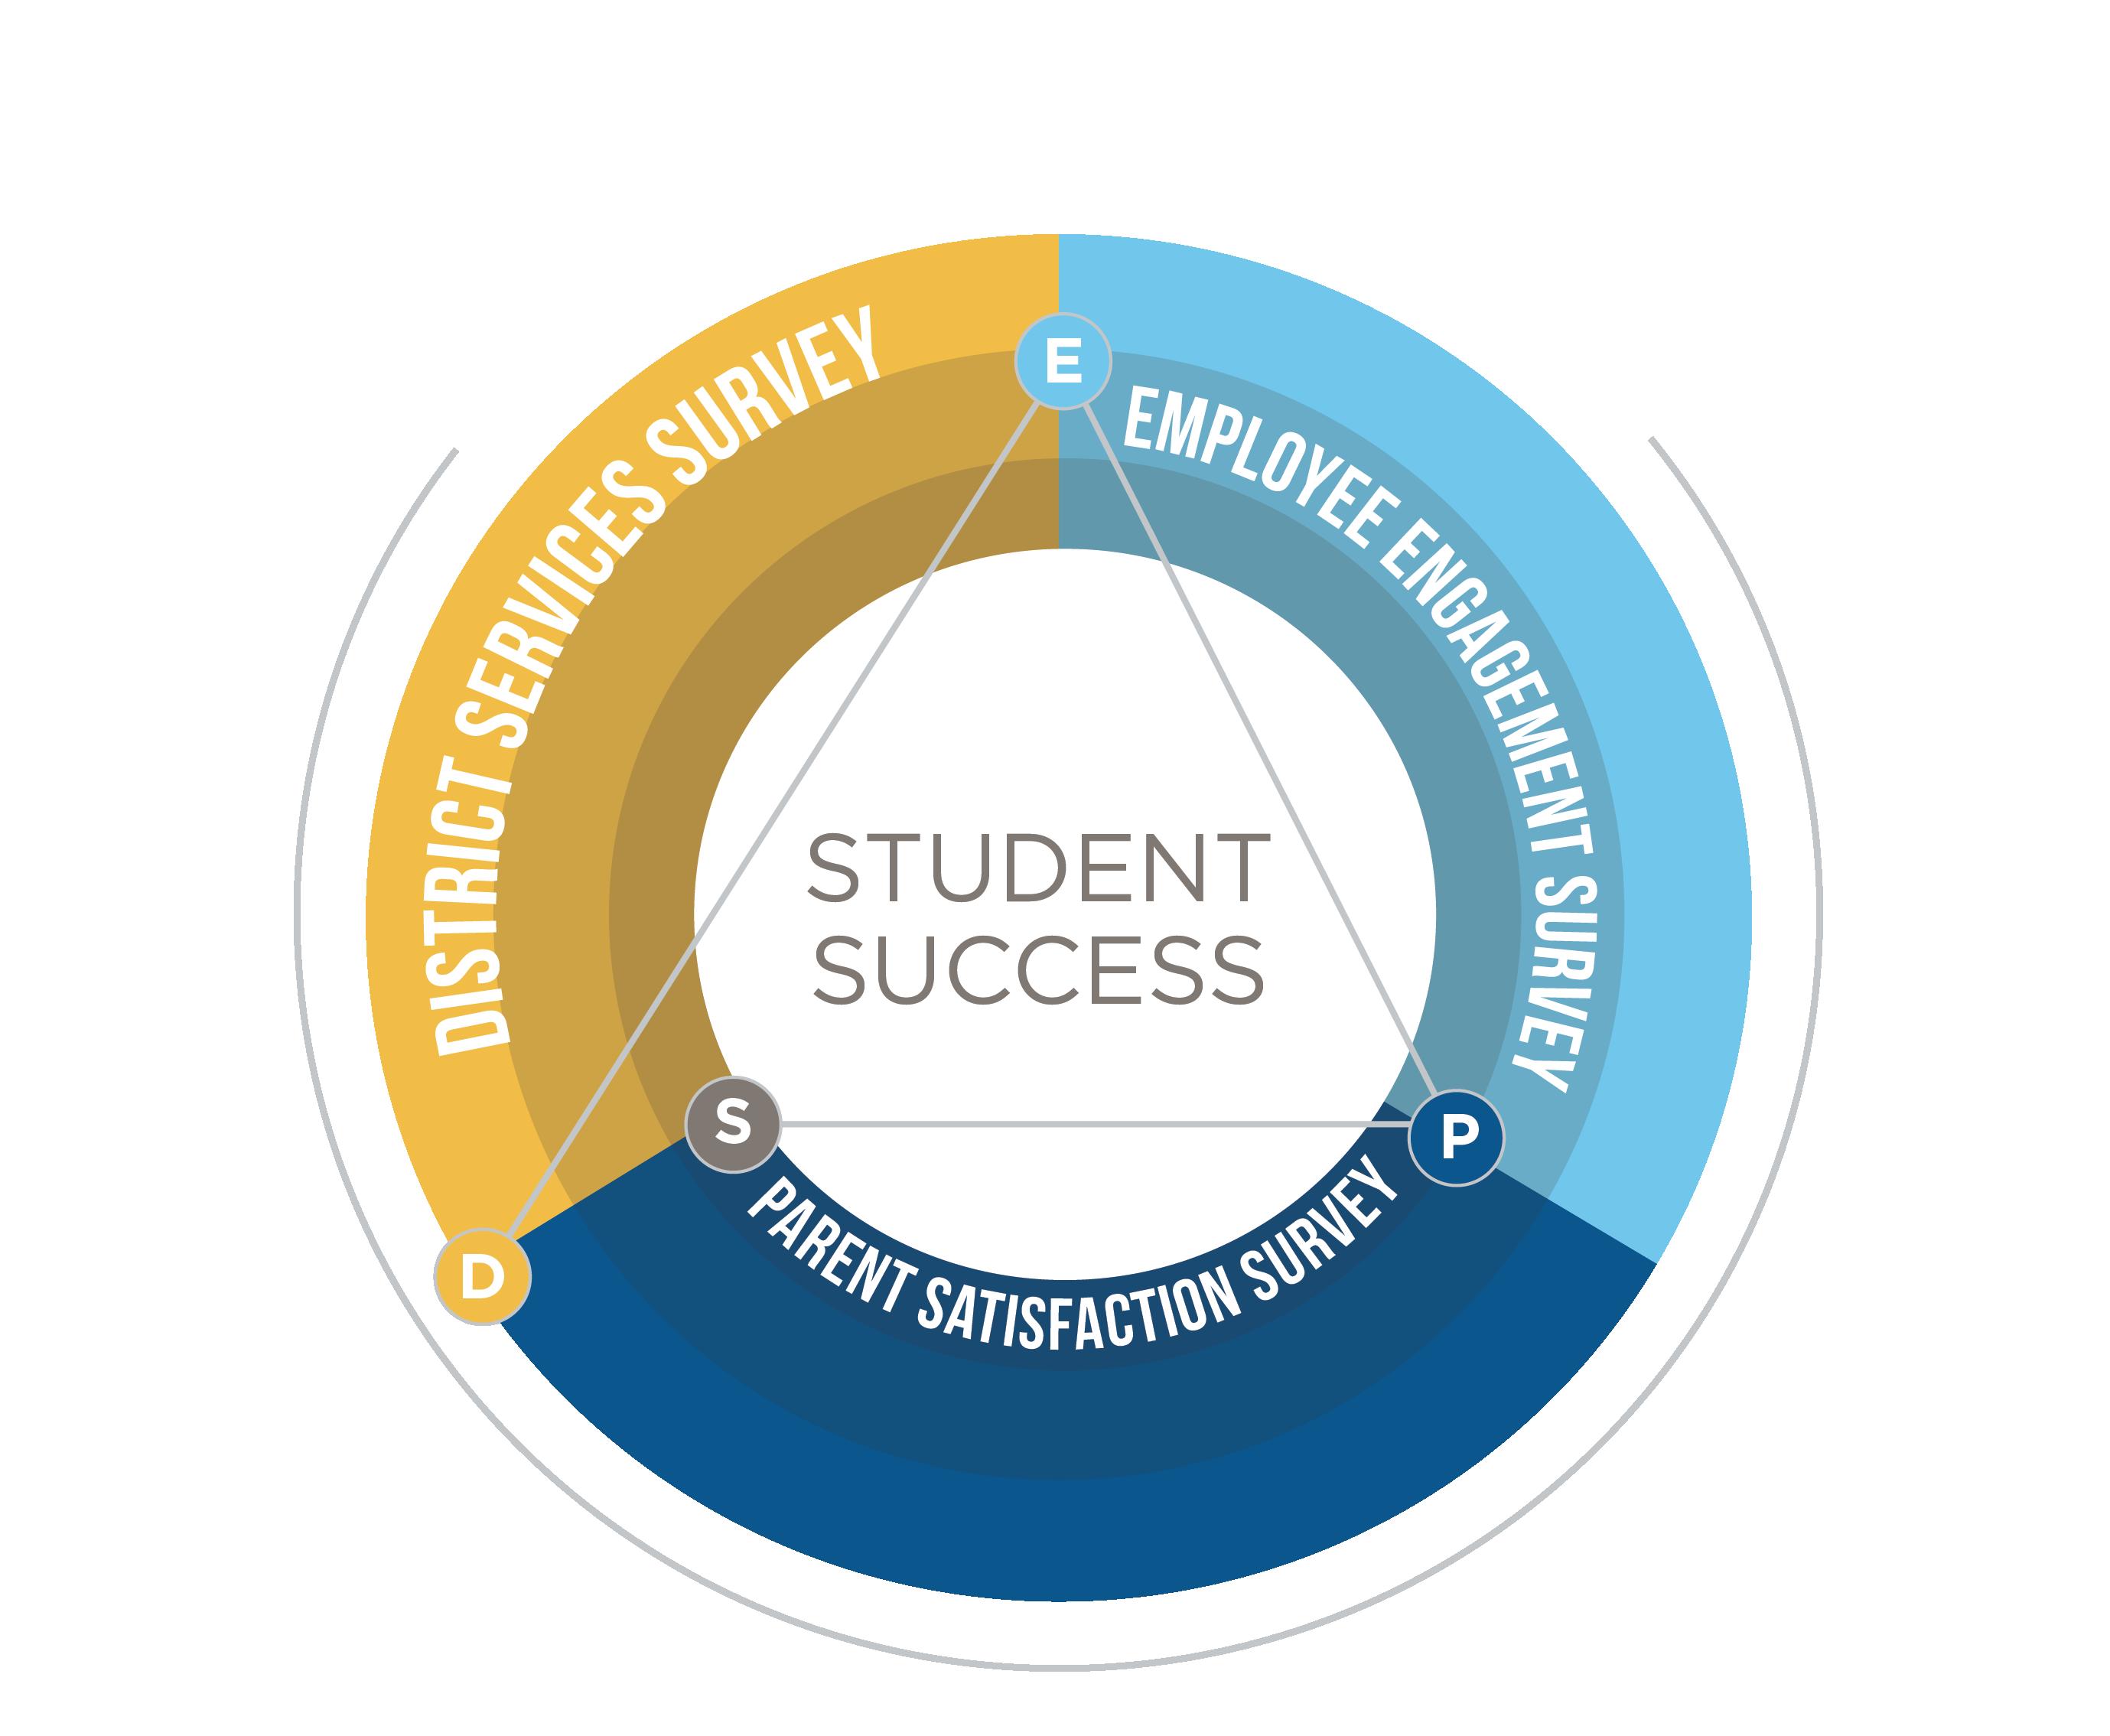 survey feedback system wheel